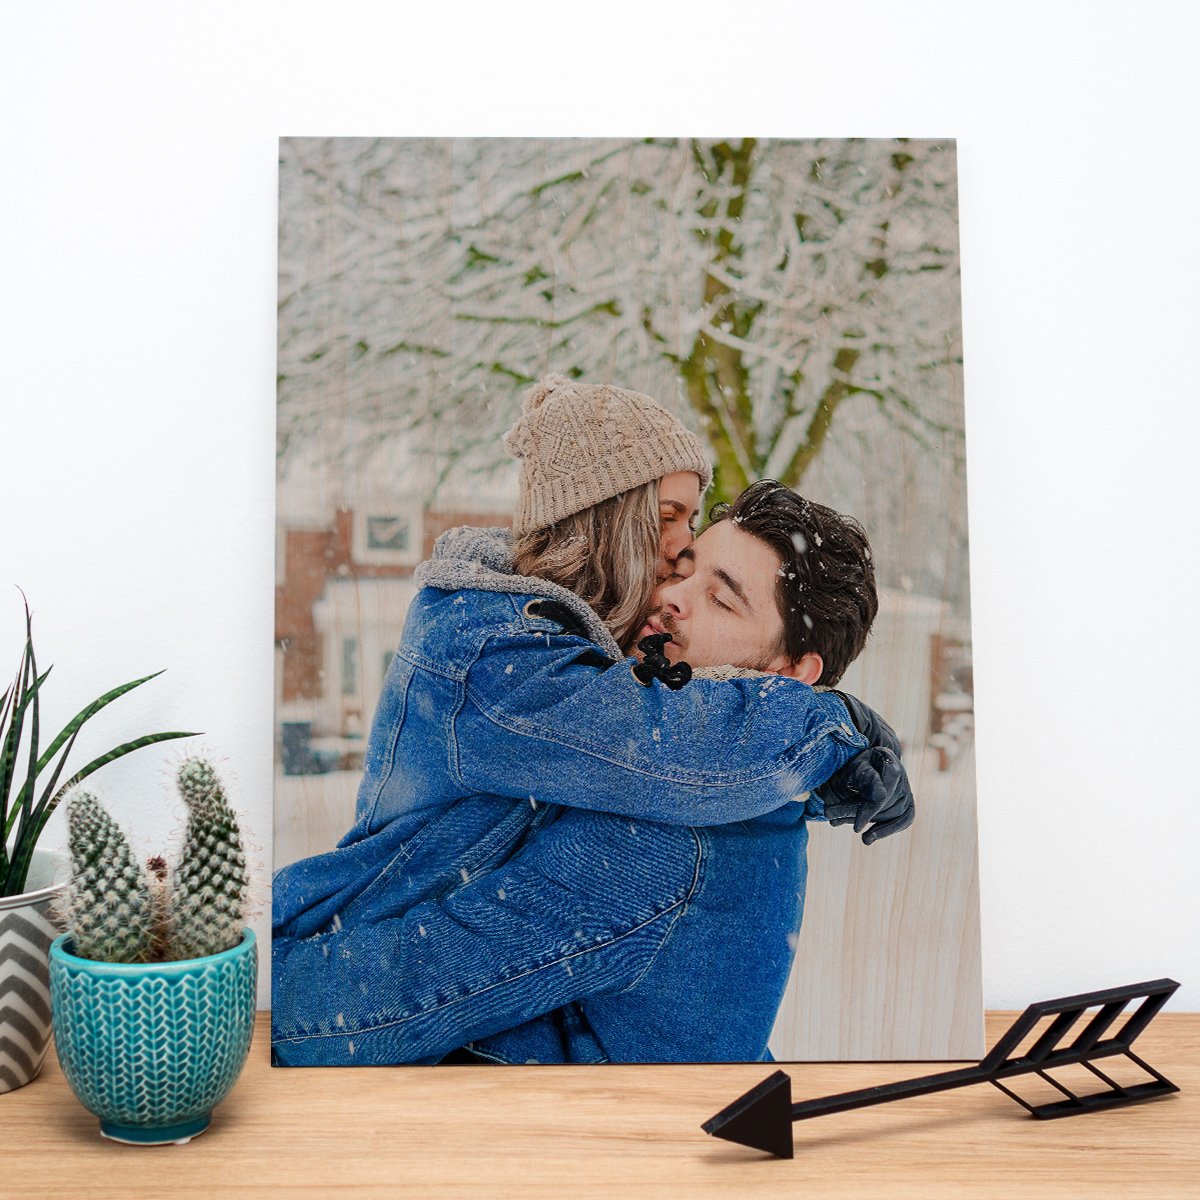 kerstcadeau voor haar - personaliseerbare foto op hout